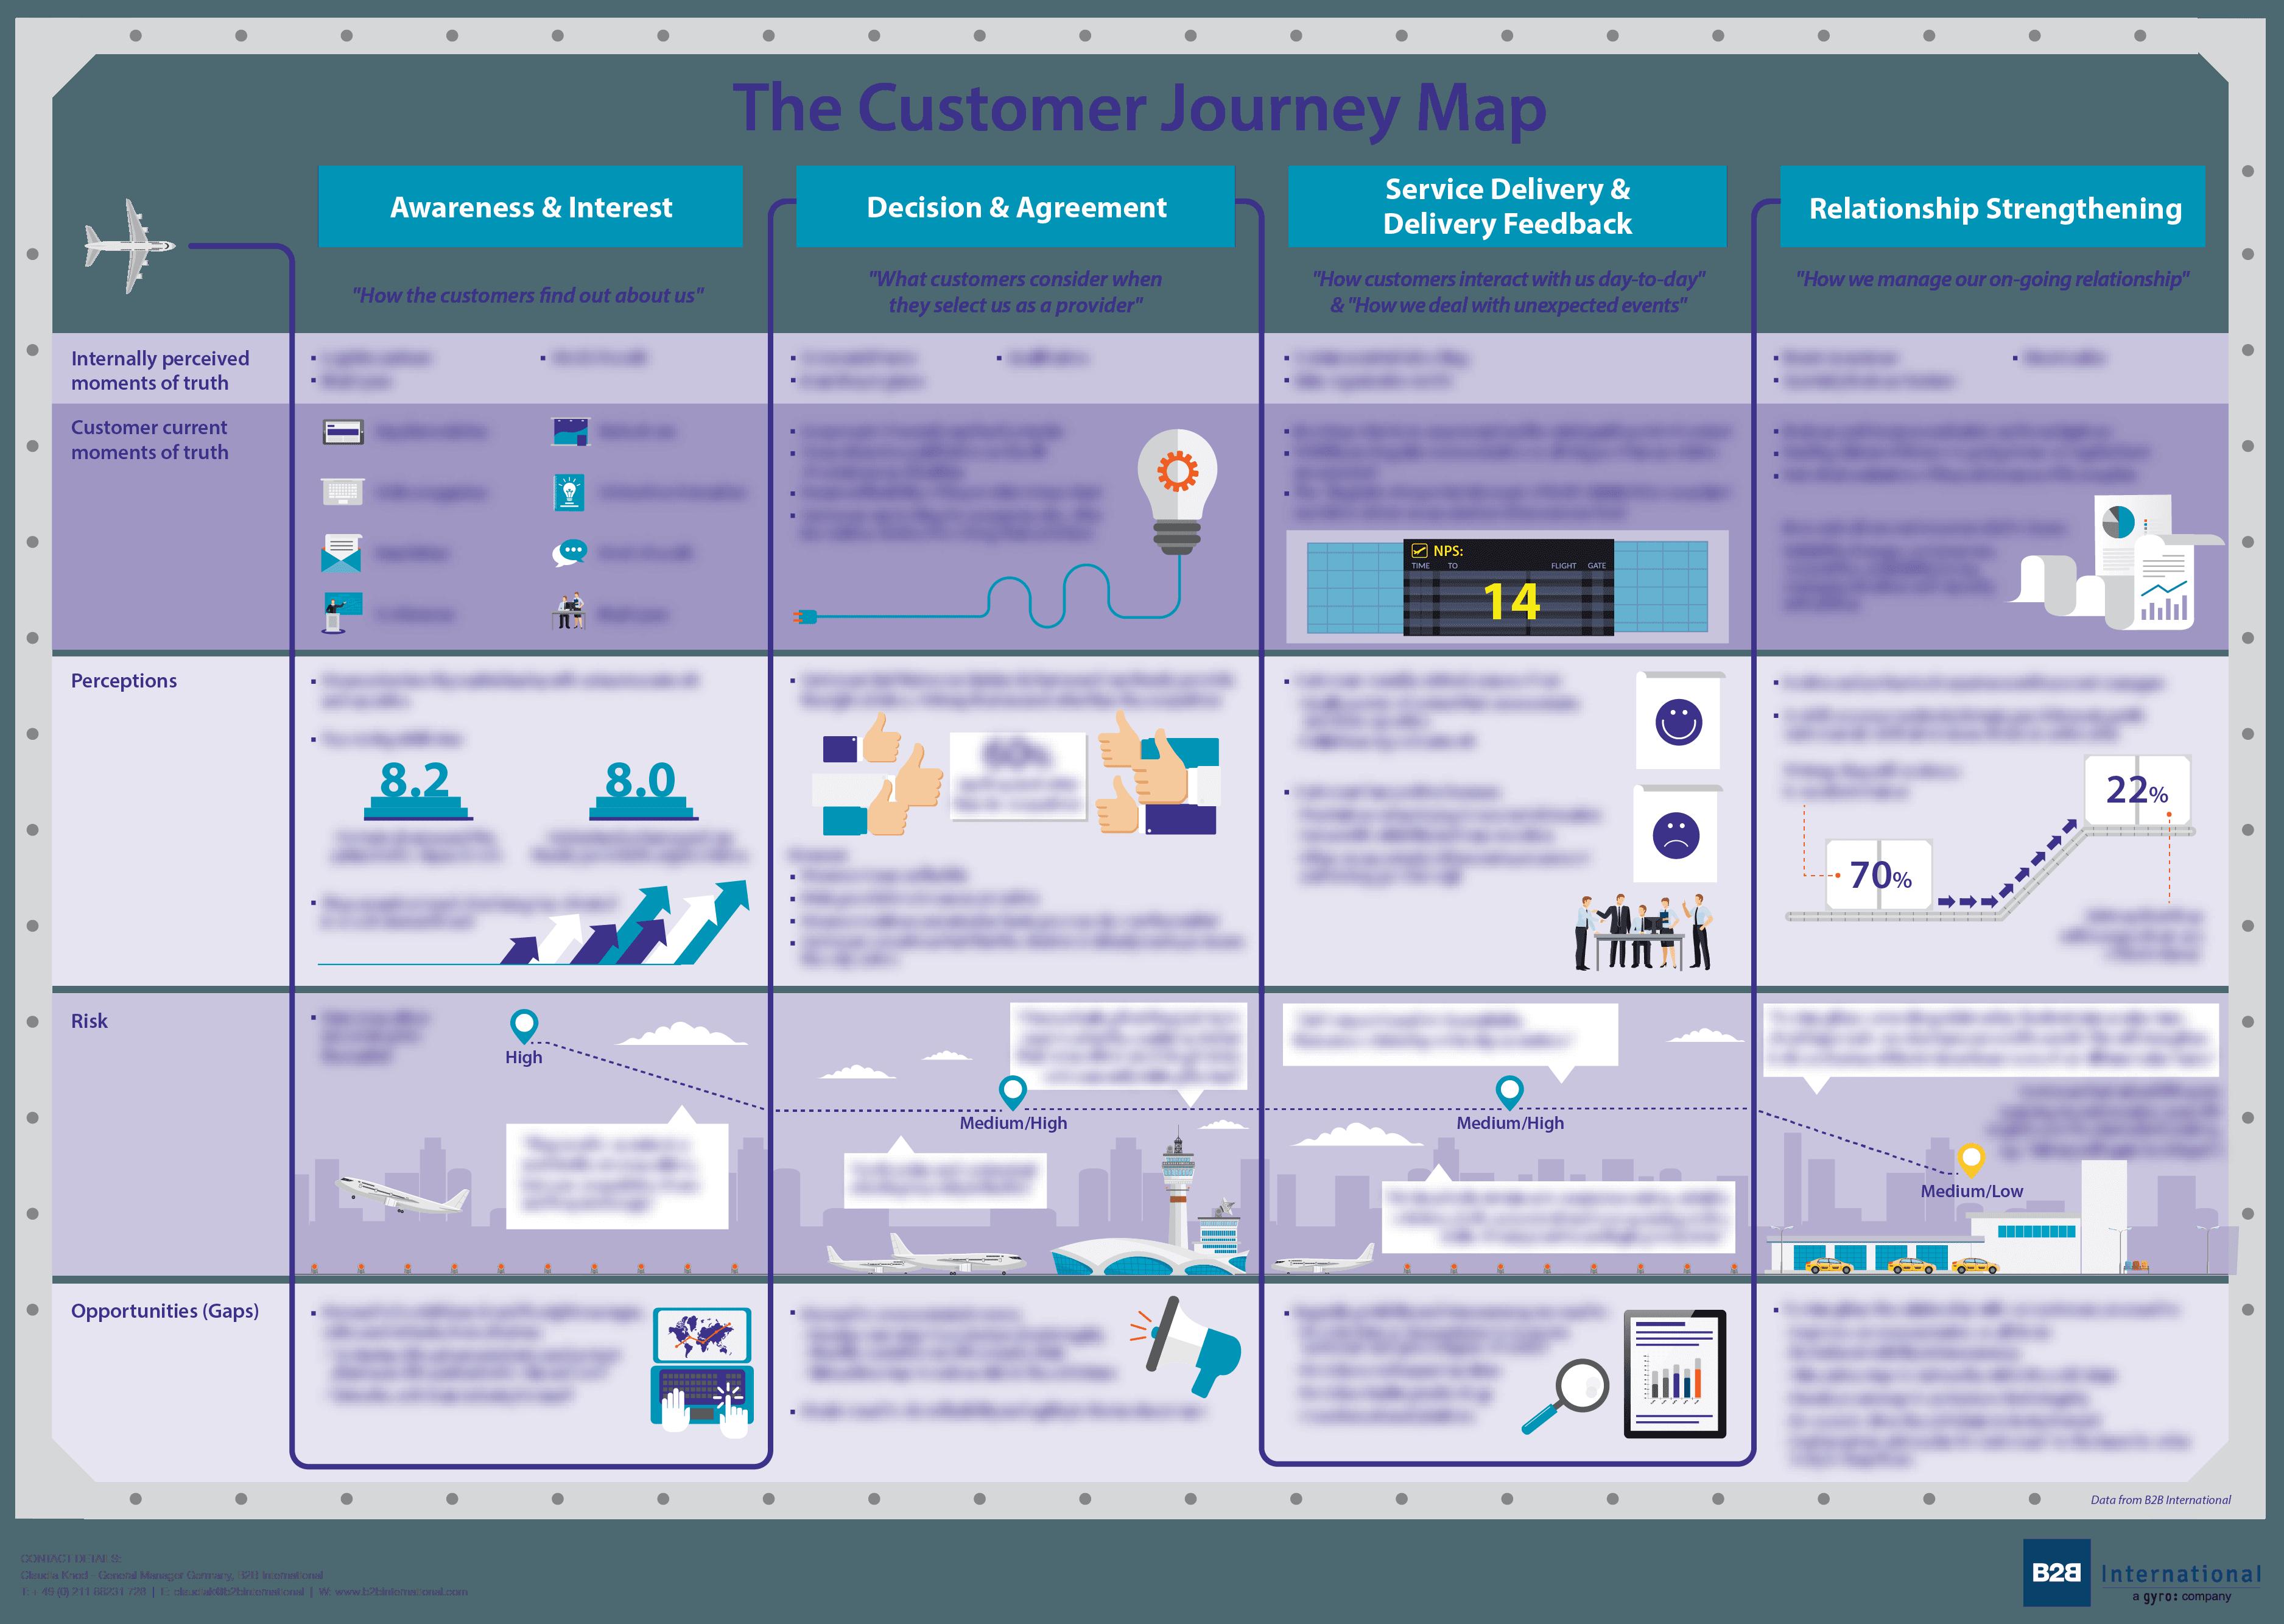 Customer Journey Map for better UI/UX design.